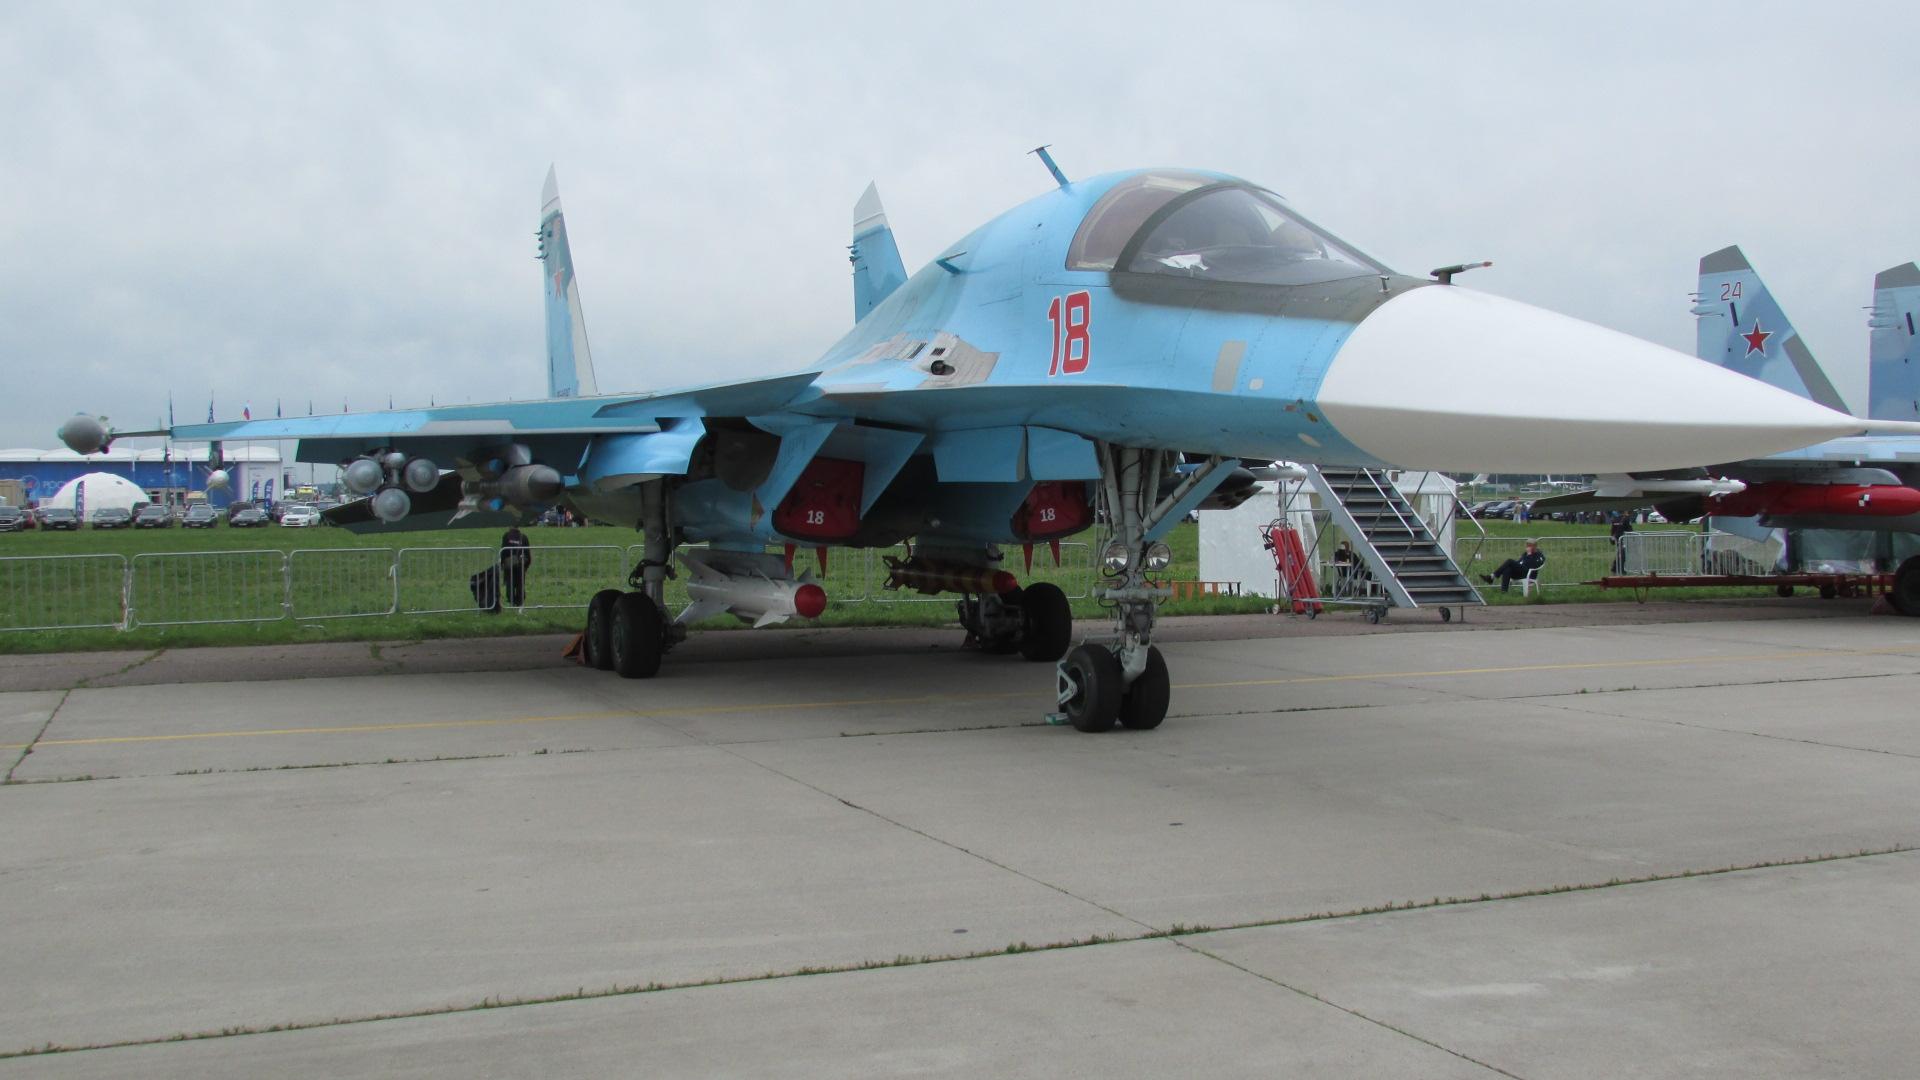 Российский многофункциональный истребитель-бомбардировщик